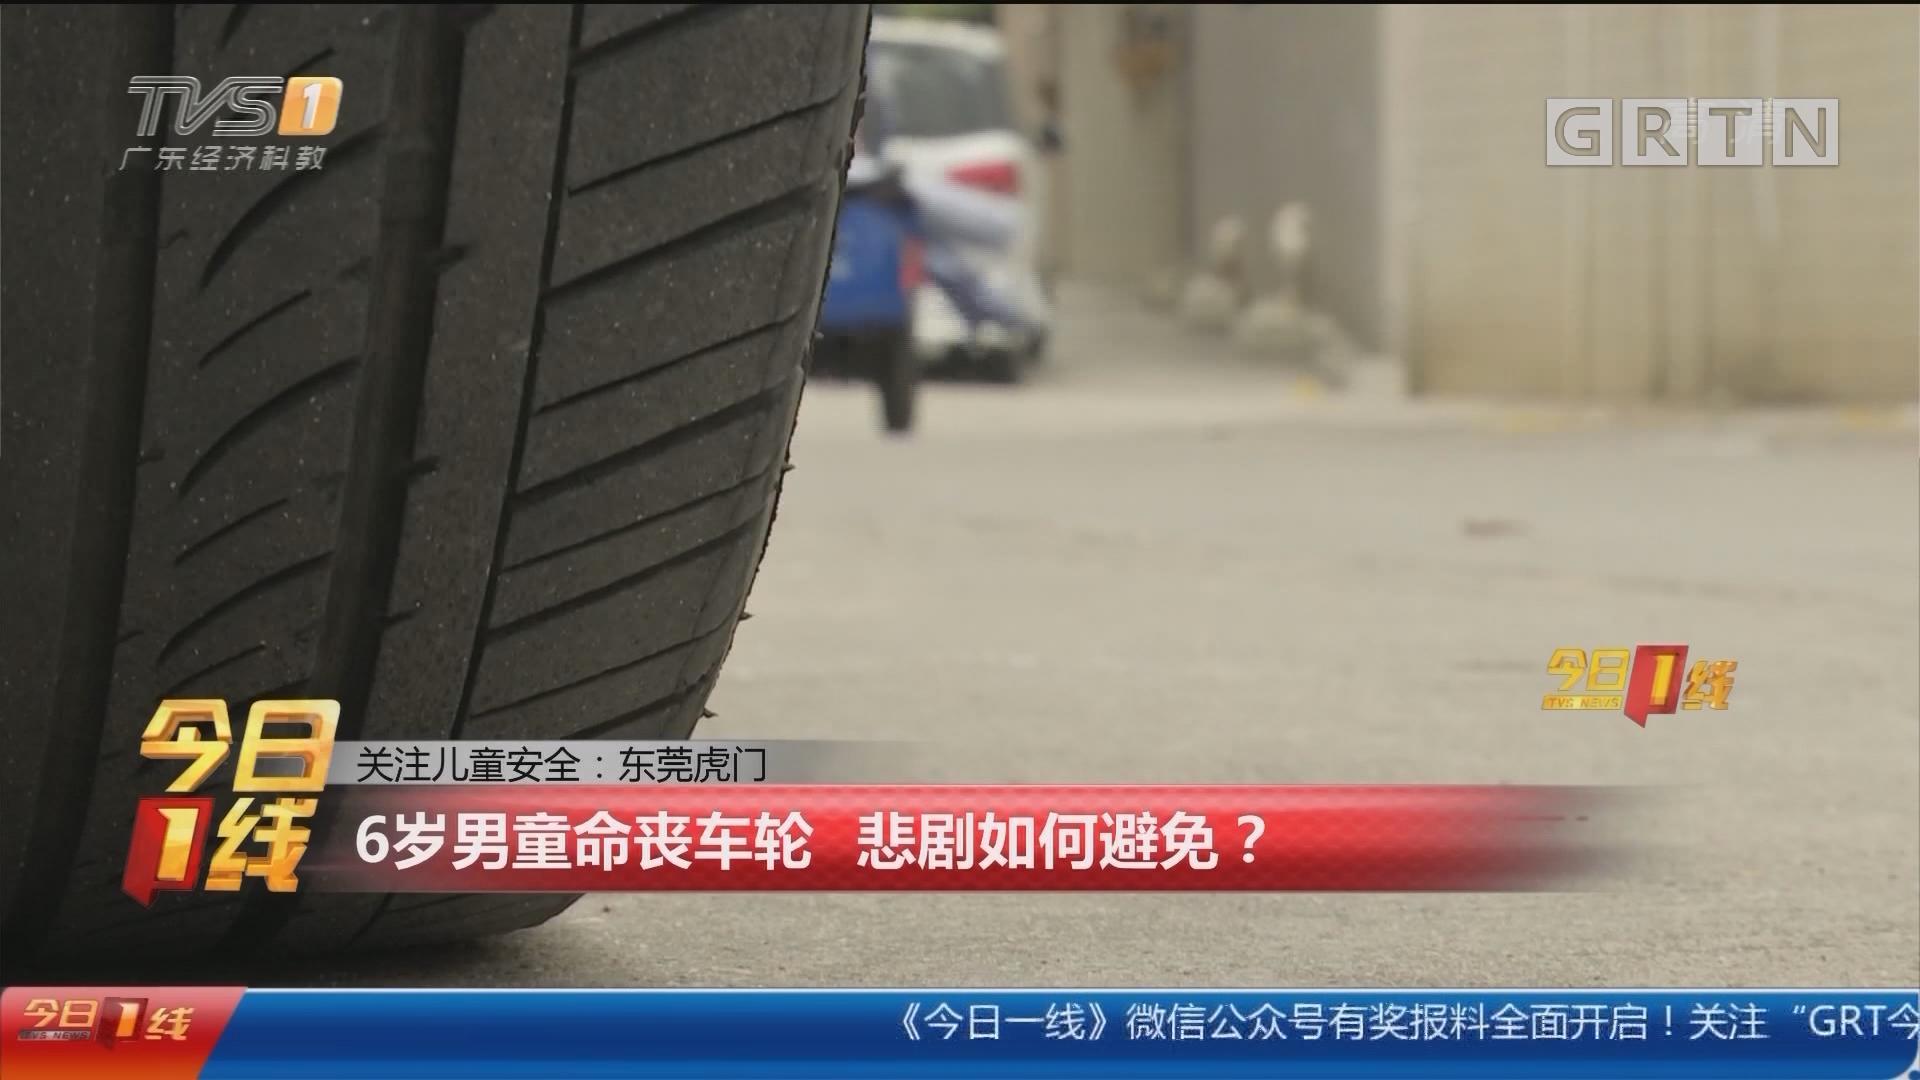 关注儿童安全:东莞虎门 6岁儿童命丧车轮 悲剧如何避免?